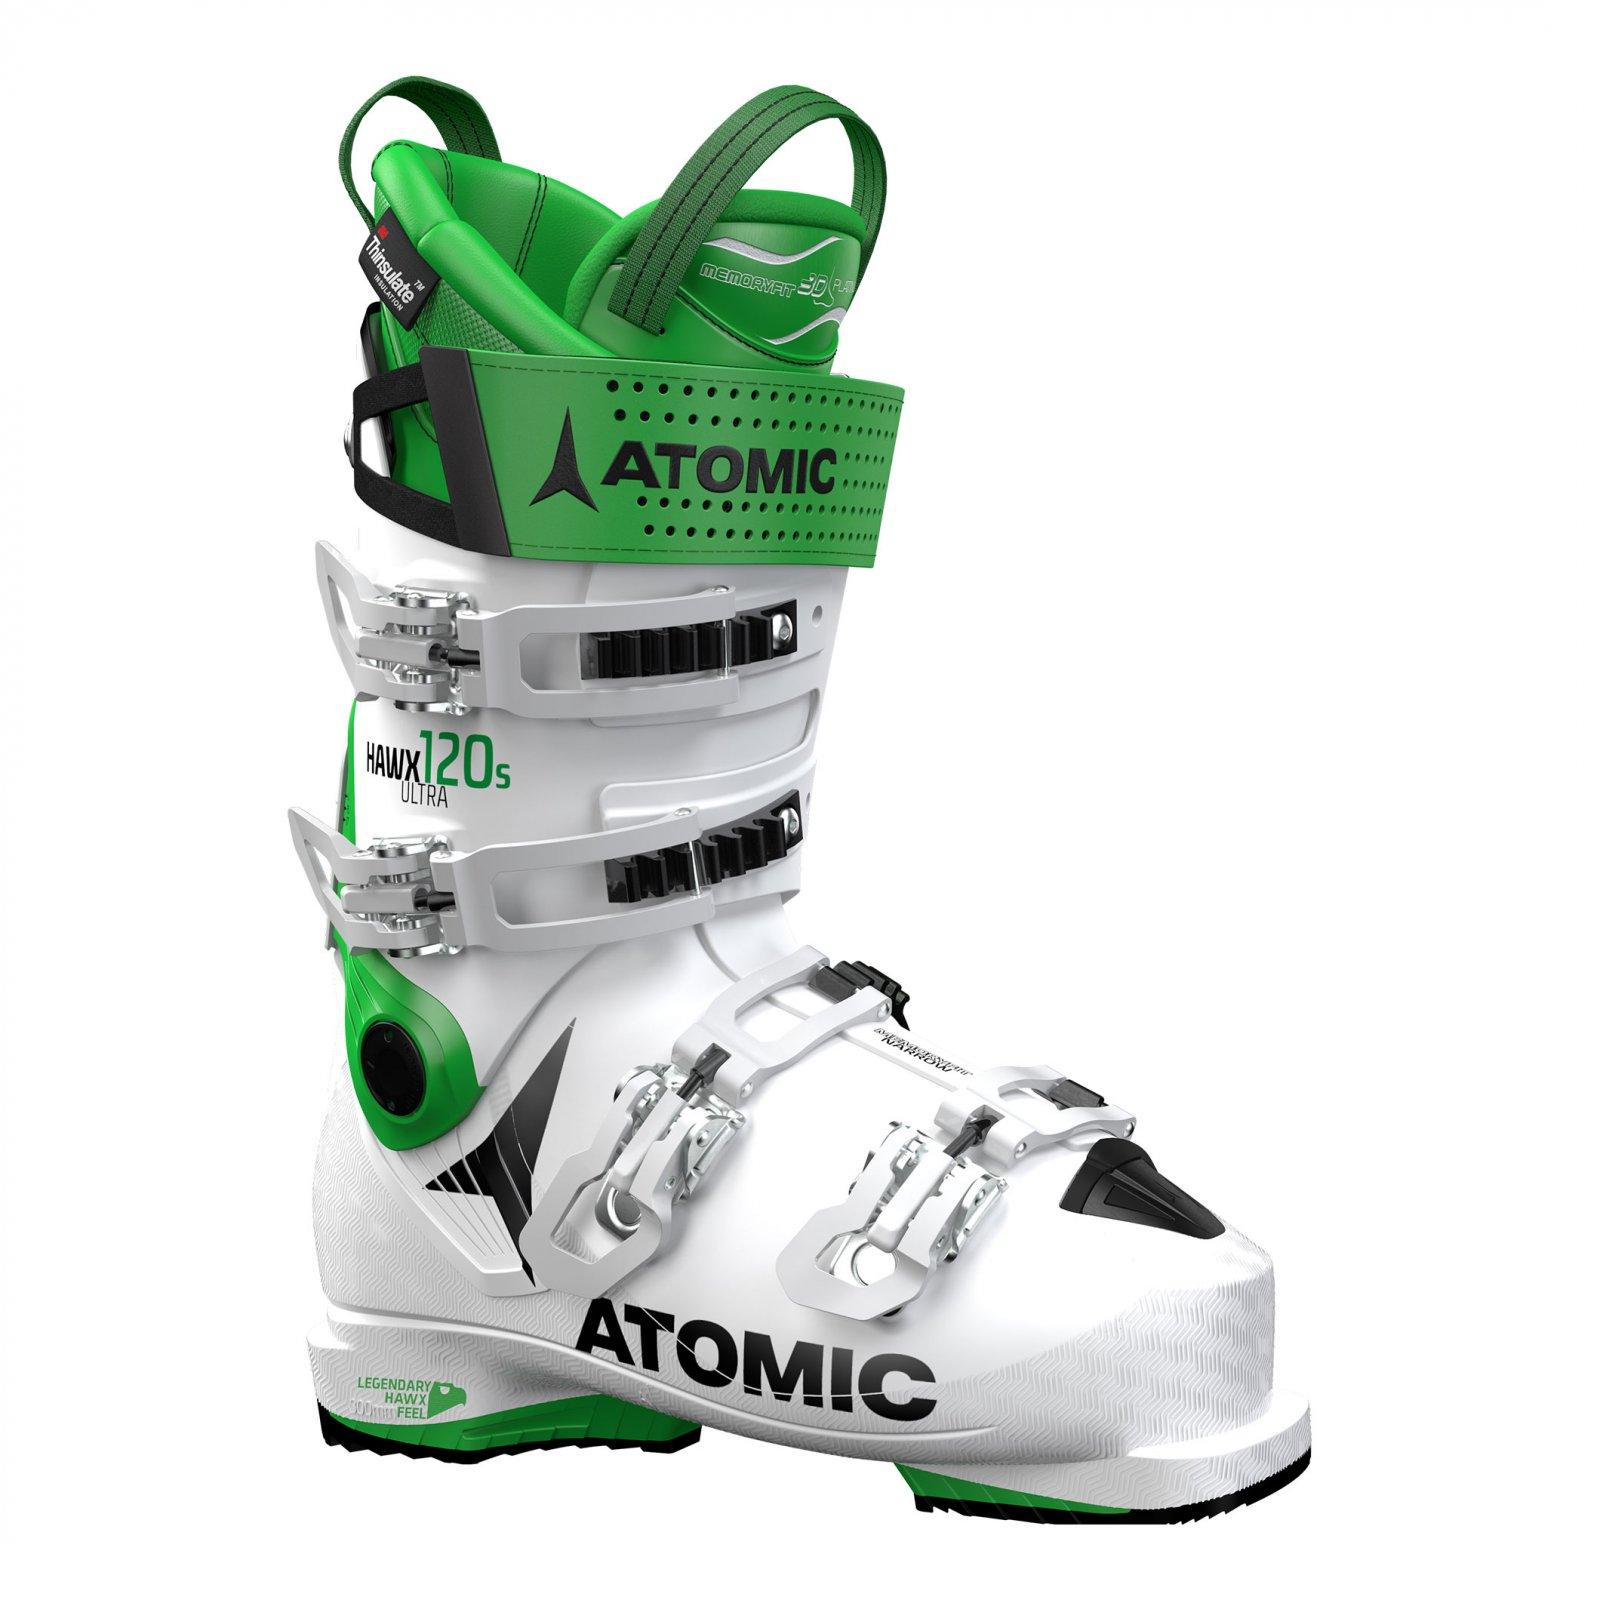 Atomic Hawx Ultra 120 S Ski Boots 19/20